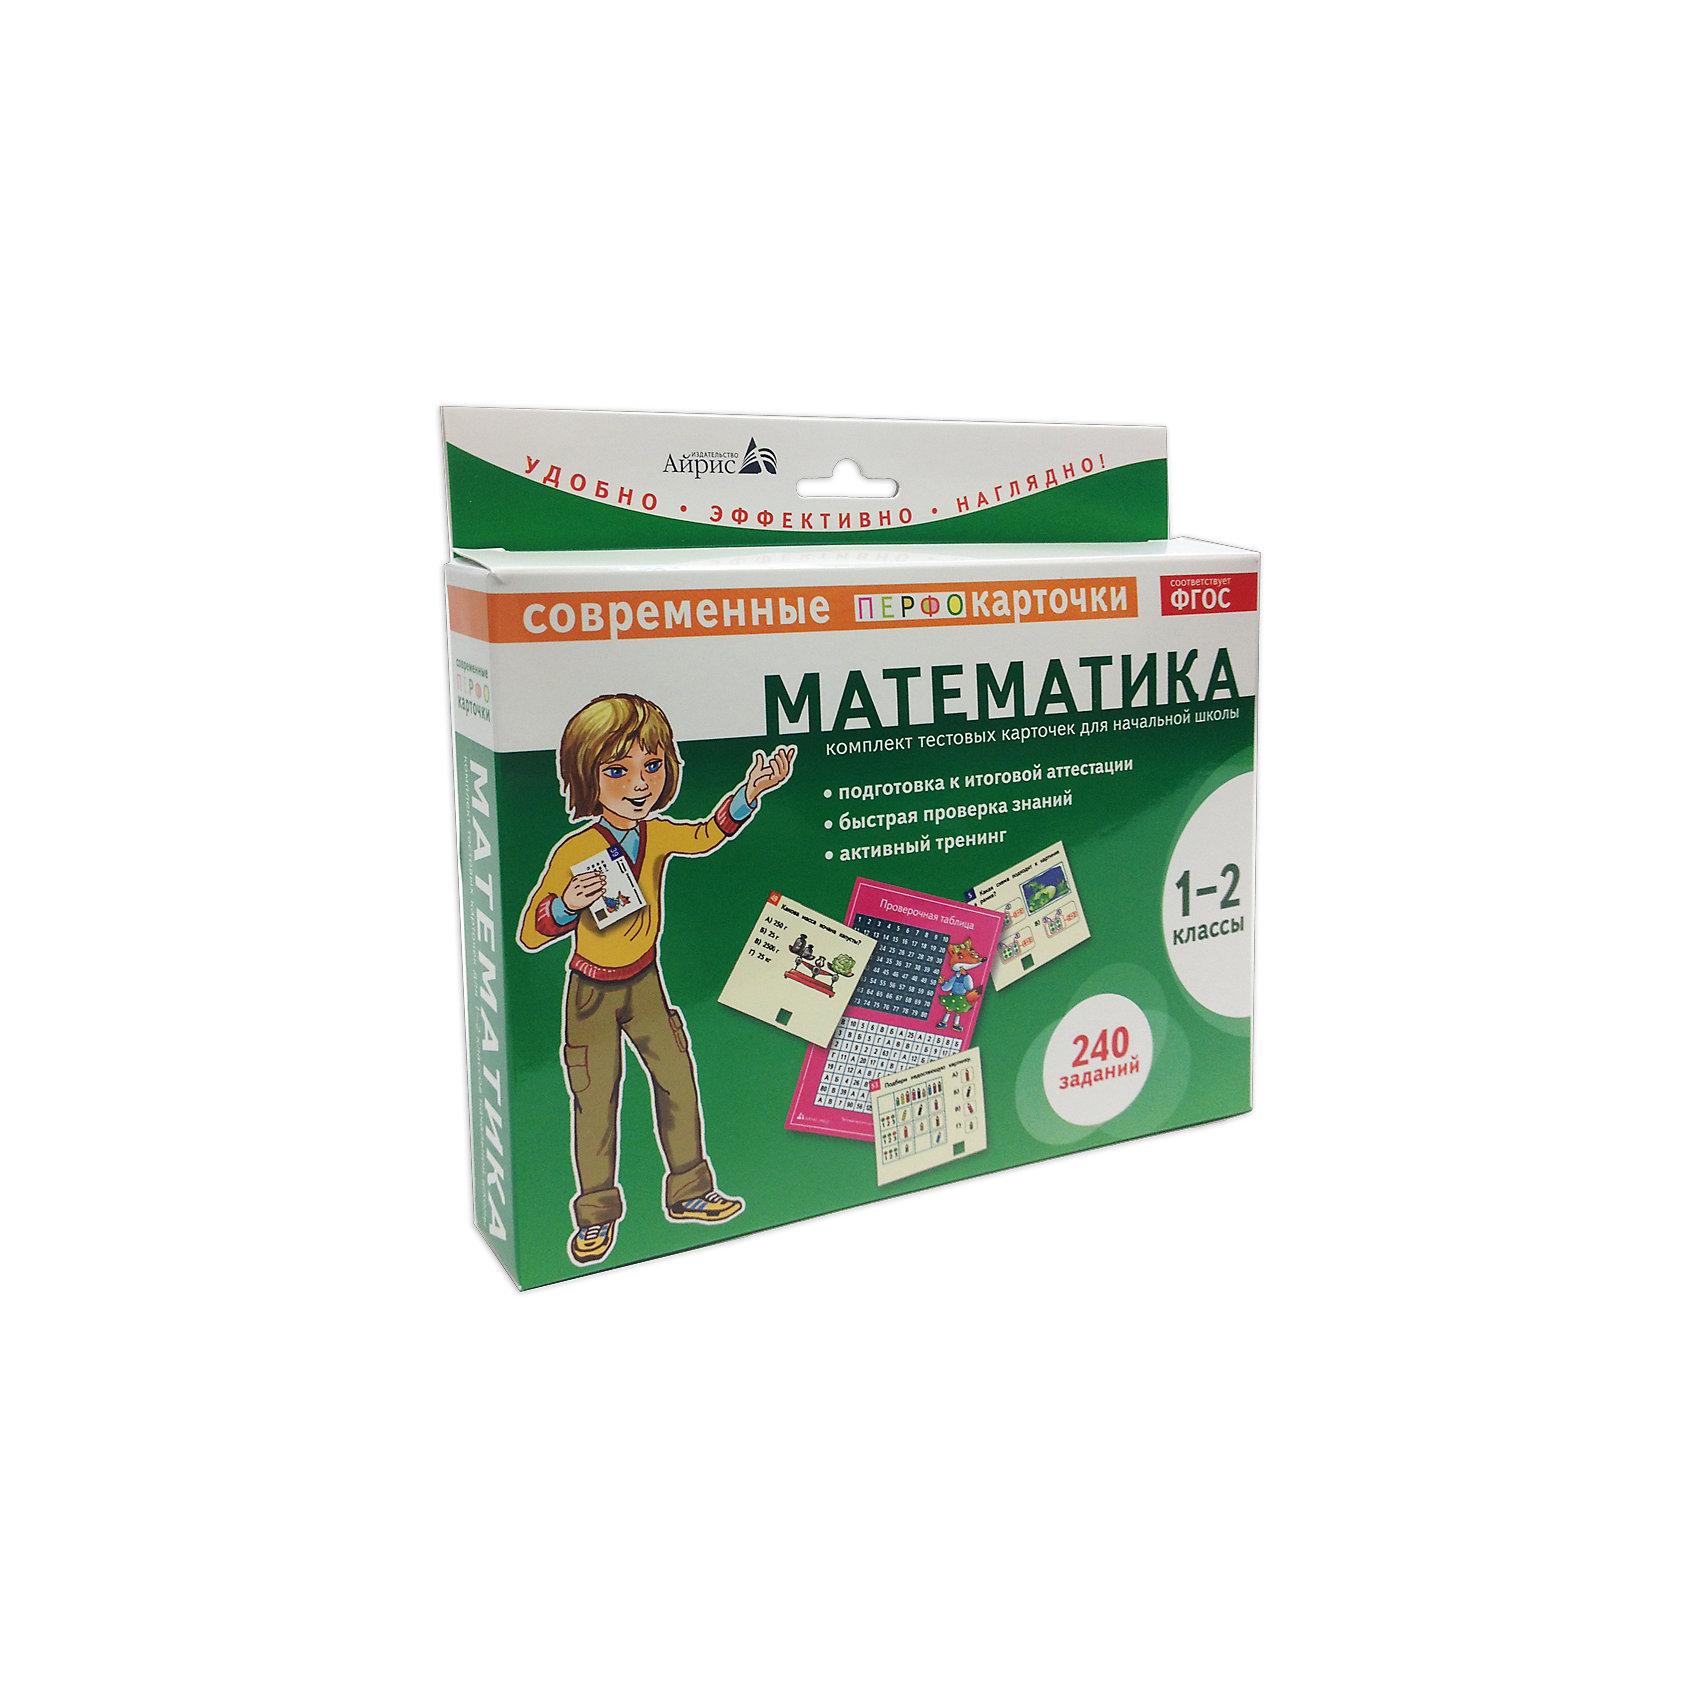 Пособие Математика, 1-2 кл., Куликова Е.Н.Пособия для обучения счёту<br>Характеристики товара:<br><br>• возраст: от 6 лет<br>• комплектация: карточки с заданиями; проверочная таблица, памятка для родителей.<br>• автор: Куликова Е.Н.<br>• производитель: Айрис-пресс<br>• серия: Комплекты тестовых карточек<br>• иллюстрации: цветные<br>• материал: картон<br>• упаковка: картонная коробка<br>• размер упаковки: 18,5х20х3 см.<br>• вес: 338 гр.<br><br>Комплект тестовых карточек – это развивающее пособие, рекомендованное для проверки и закрепления учебного материала 1-2 классов по математике.<br><br>В комплект входят: карточки с заданиями (240 заданий), проверочная таблица и памятка для родителей. Задания сгруппированы по ключевым разделам математики: числа (44 задания); величины (36 заданий); арифметические действия (80 заданий); пространственные отношения, геометрические фигуры, геометрические величины (52 задания); работа с информацией (28 заданий).<br><br>Пособие очень удобно в использовании. Краткая инструкция расположена непосредственно на коробке. Важно, что ребёнок, соединив номер на карточке с номером в проверочной таблице, сам может проверить - верный ли ответ.<br><br>Занятия с карточками способствуют развитию наглядно-образного мышления, внимательности, наблюдательности, учат анализировать и логически объяснять решение.<br><br>Оптимальная подача учебного материала, оригинальный дизайн, яркие иллюстрации и краткие задания сделают подготовку итоговому тестированию с данным пособием лёгкой и интересной.<br><br>Пособие Математика, 1-2 кл., Куликова Е.Н. можно купить в нашем интернет-магазине.<br><br>Ширина мм: 28<br>Глубина мм: 200<br>Высота мм: 185<br>Вес г: 345<br>Возраст от месяцев: 84<br>Возраст до месяцев: 108<br>Пол: Унисекс<br>Возраст: Детский<br>SKU: 6849630